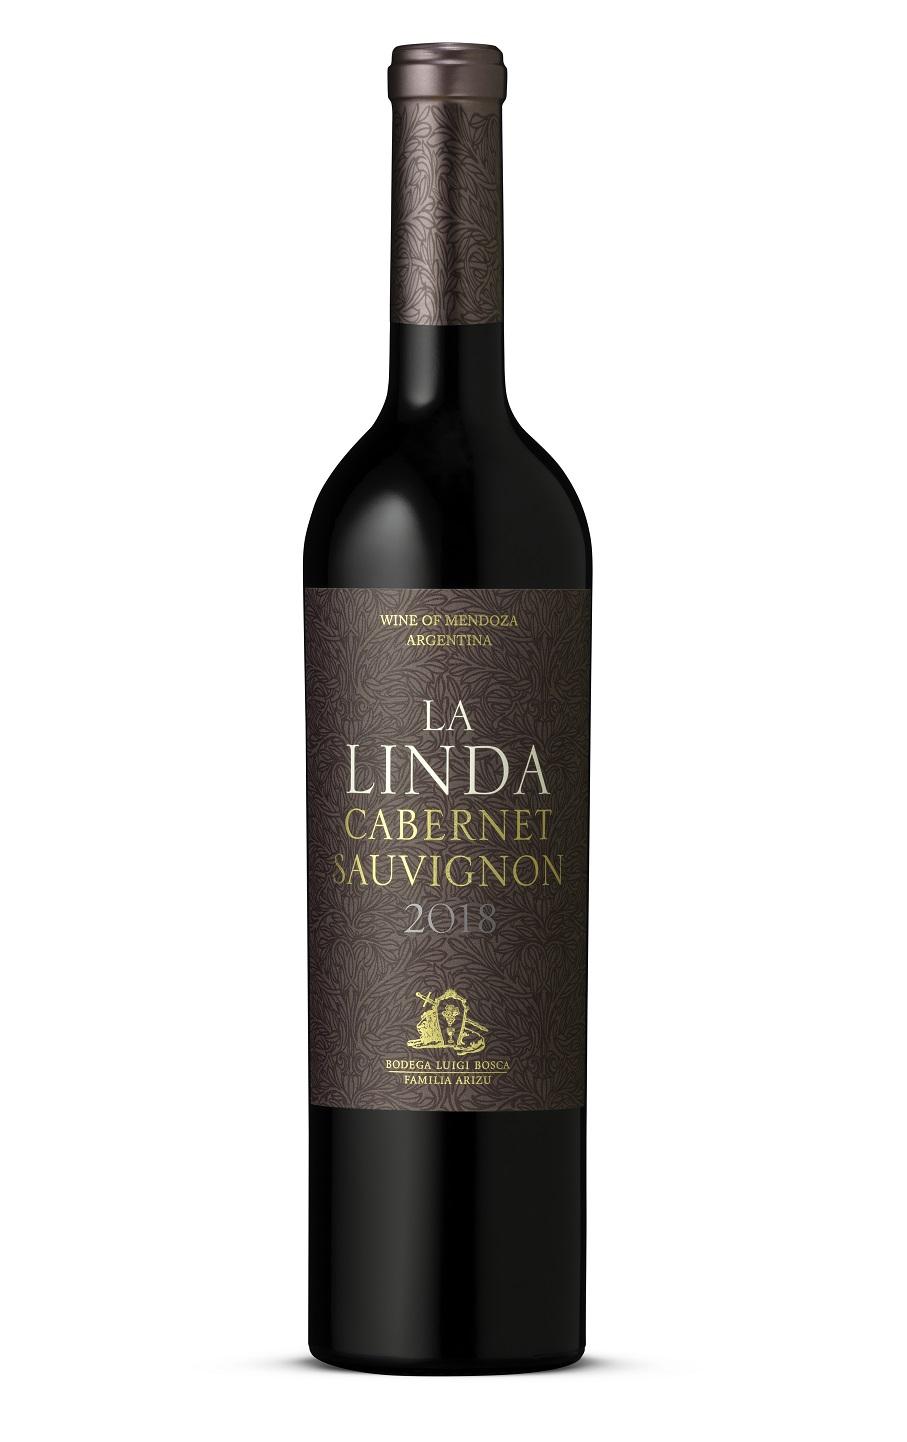 La Linda Cabernet Sauvignon 2019